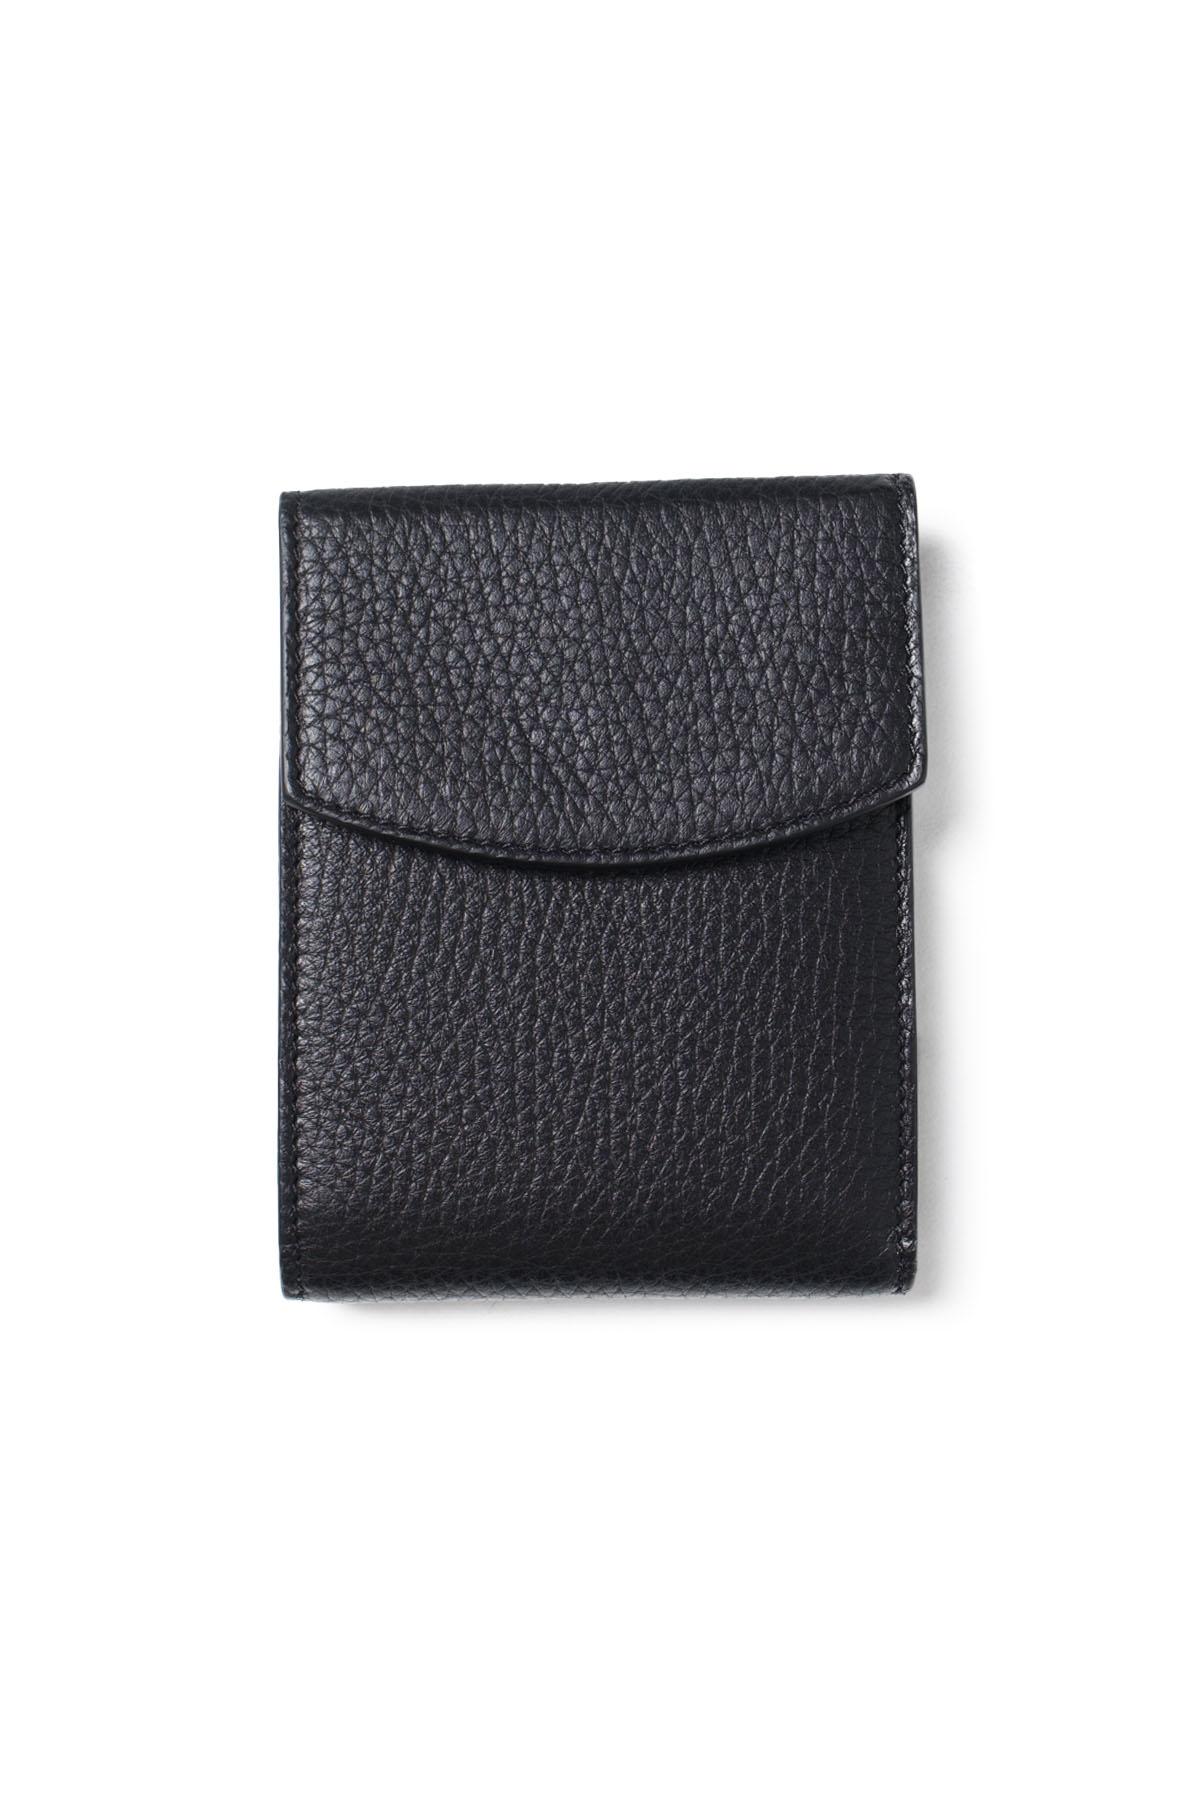 Bi-Fold Wallet Deer Skin[2021SS]